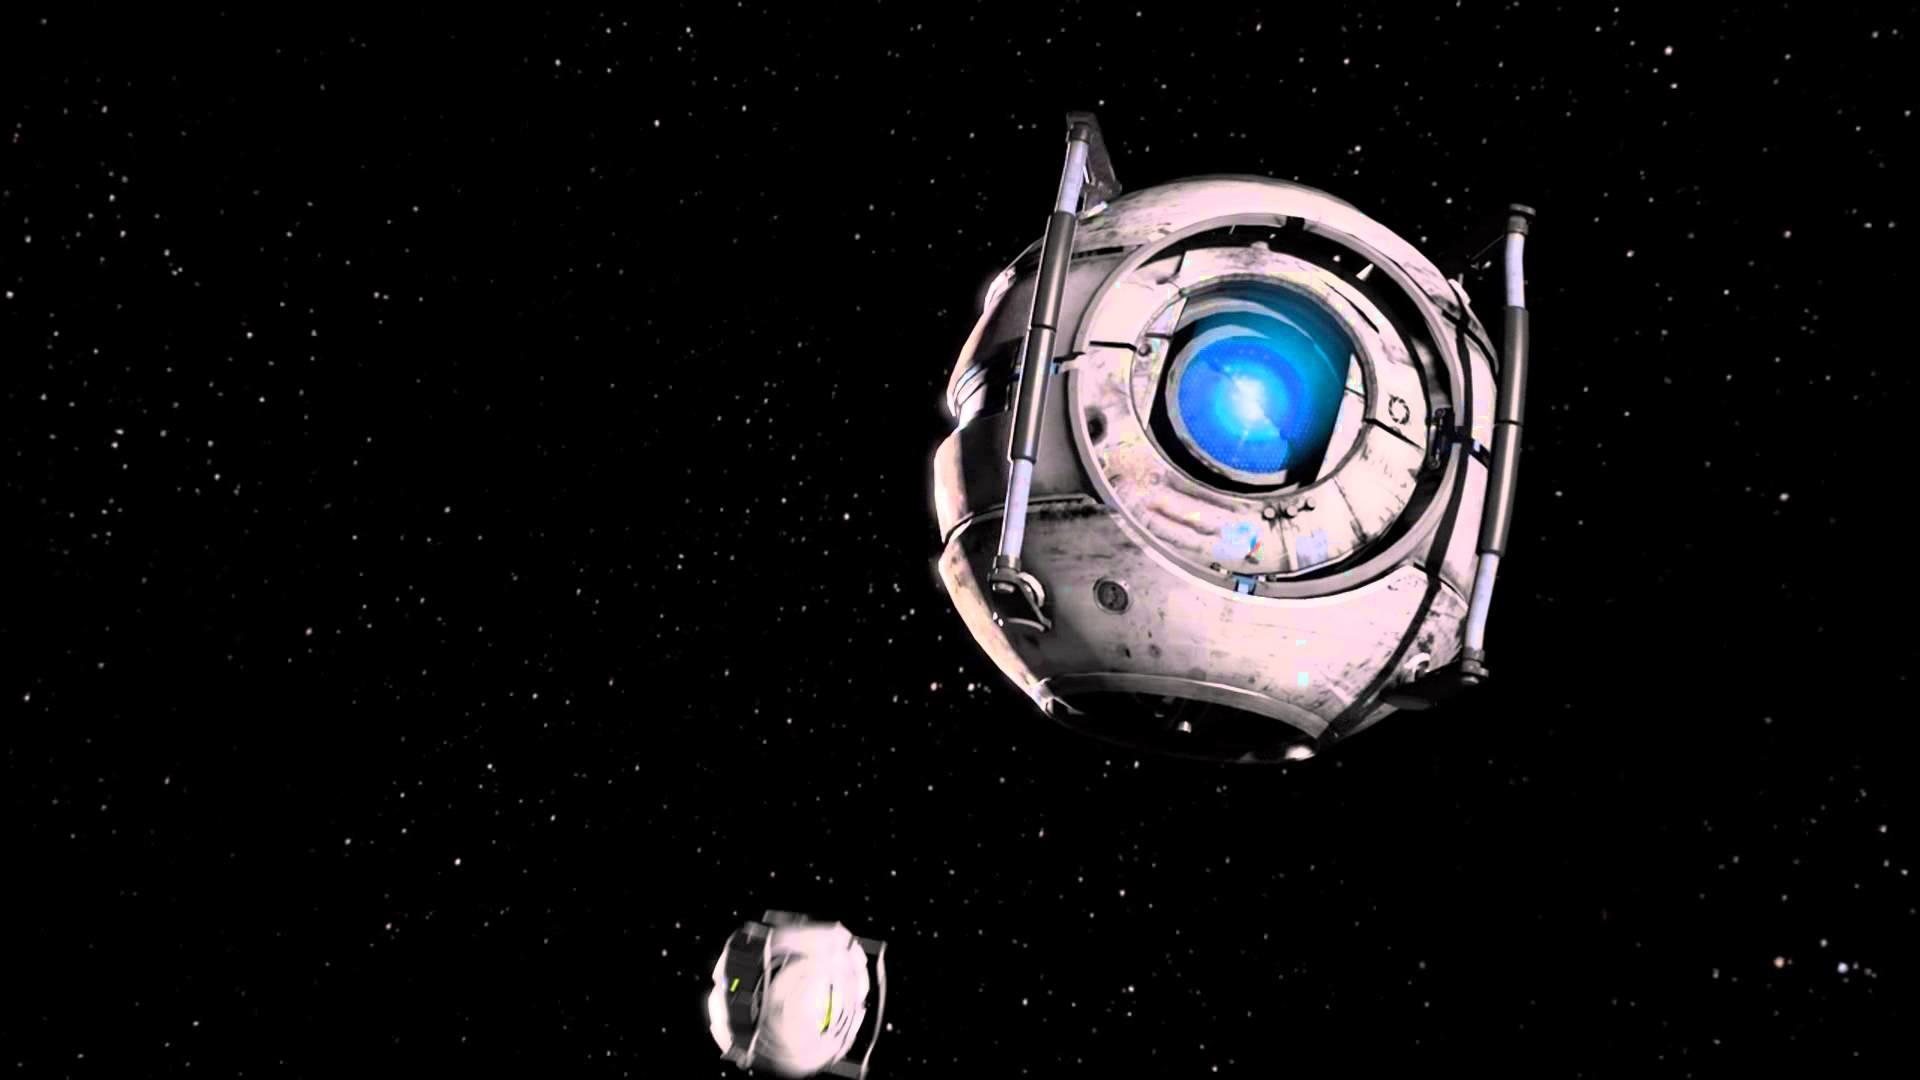 L4D Background – Portal 2 Menu 5 – Mod Left 4 Dead 2